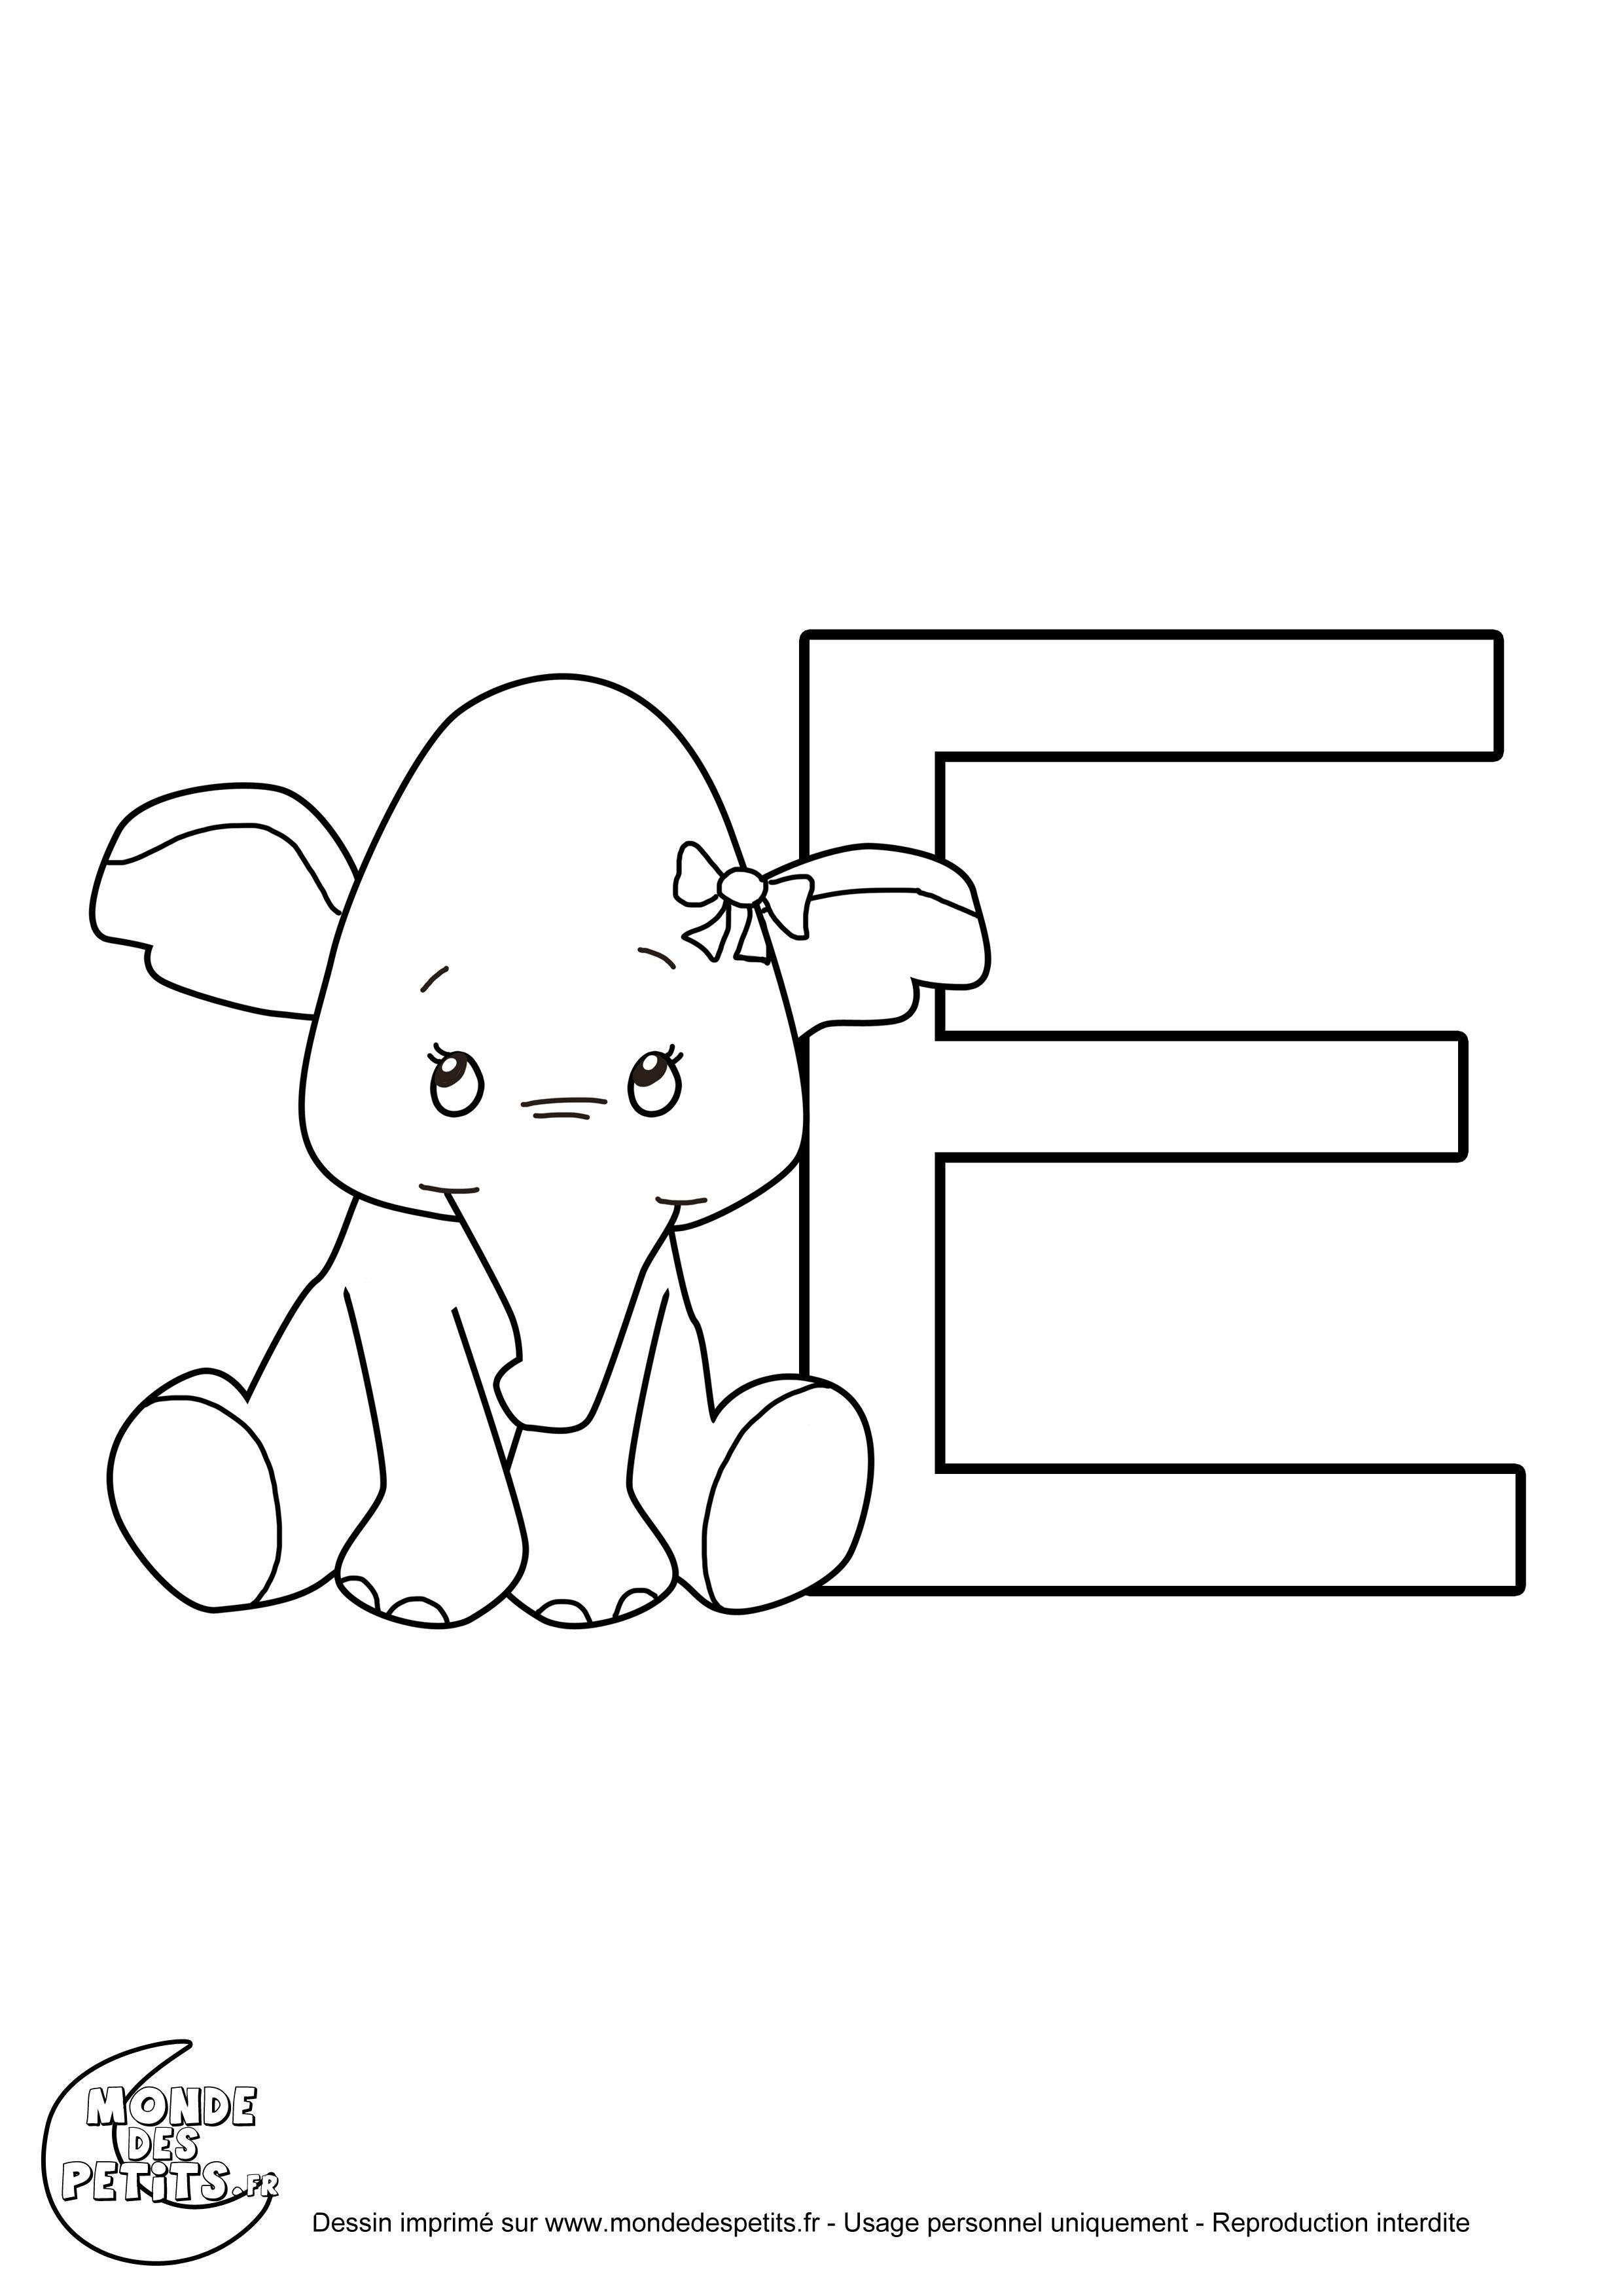 R sultat de recherche d 39 images pour imprimer grandes lettres n colorier monde des petits - Grande lettre alphabet a imprimer ...